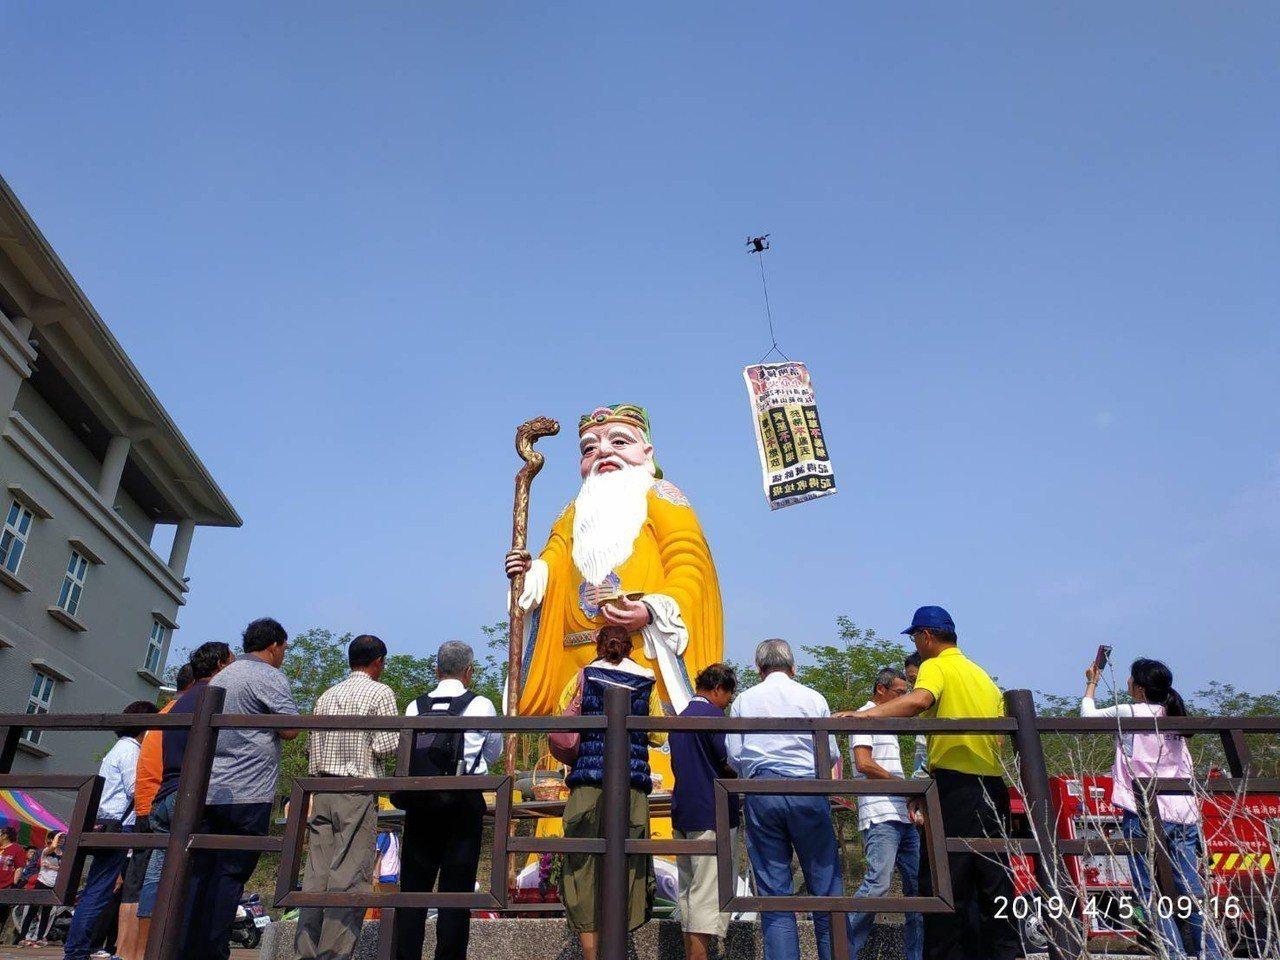 消防員利用無人機吊掛防火文宣到公墓上盤旋,宣傳效果佳。圖/ 玉井消防分隊提供